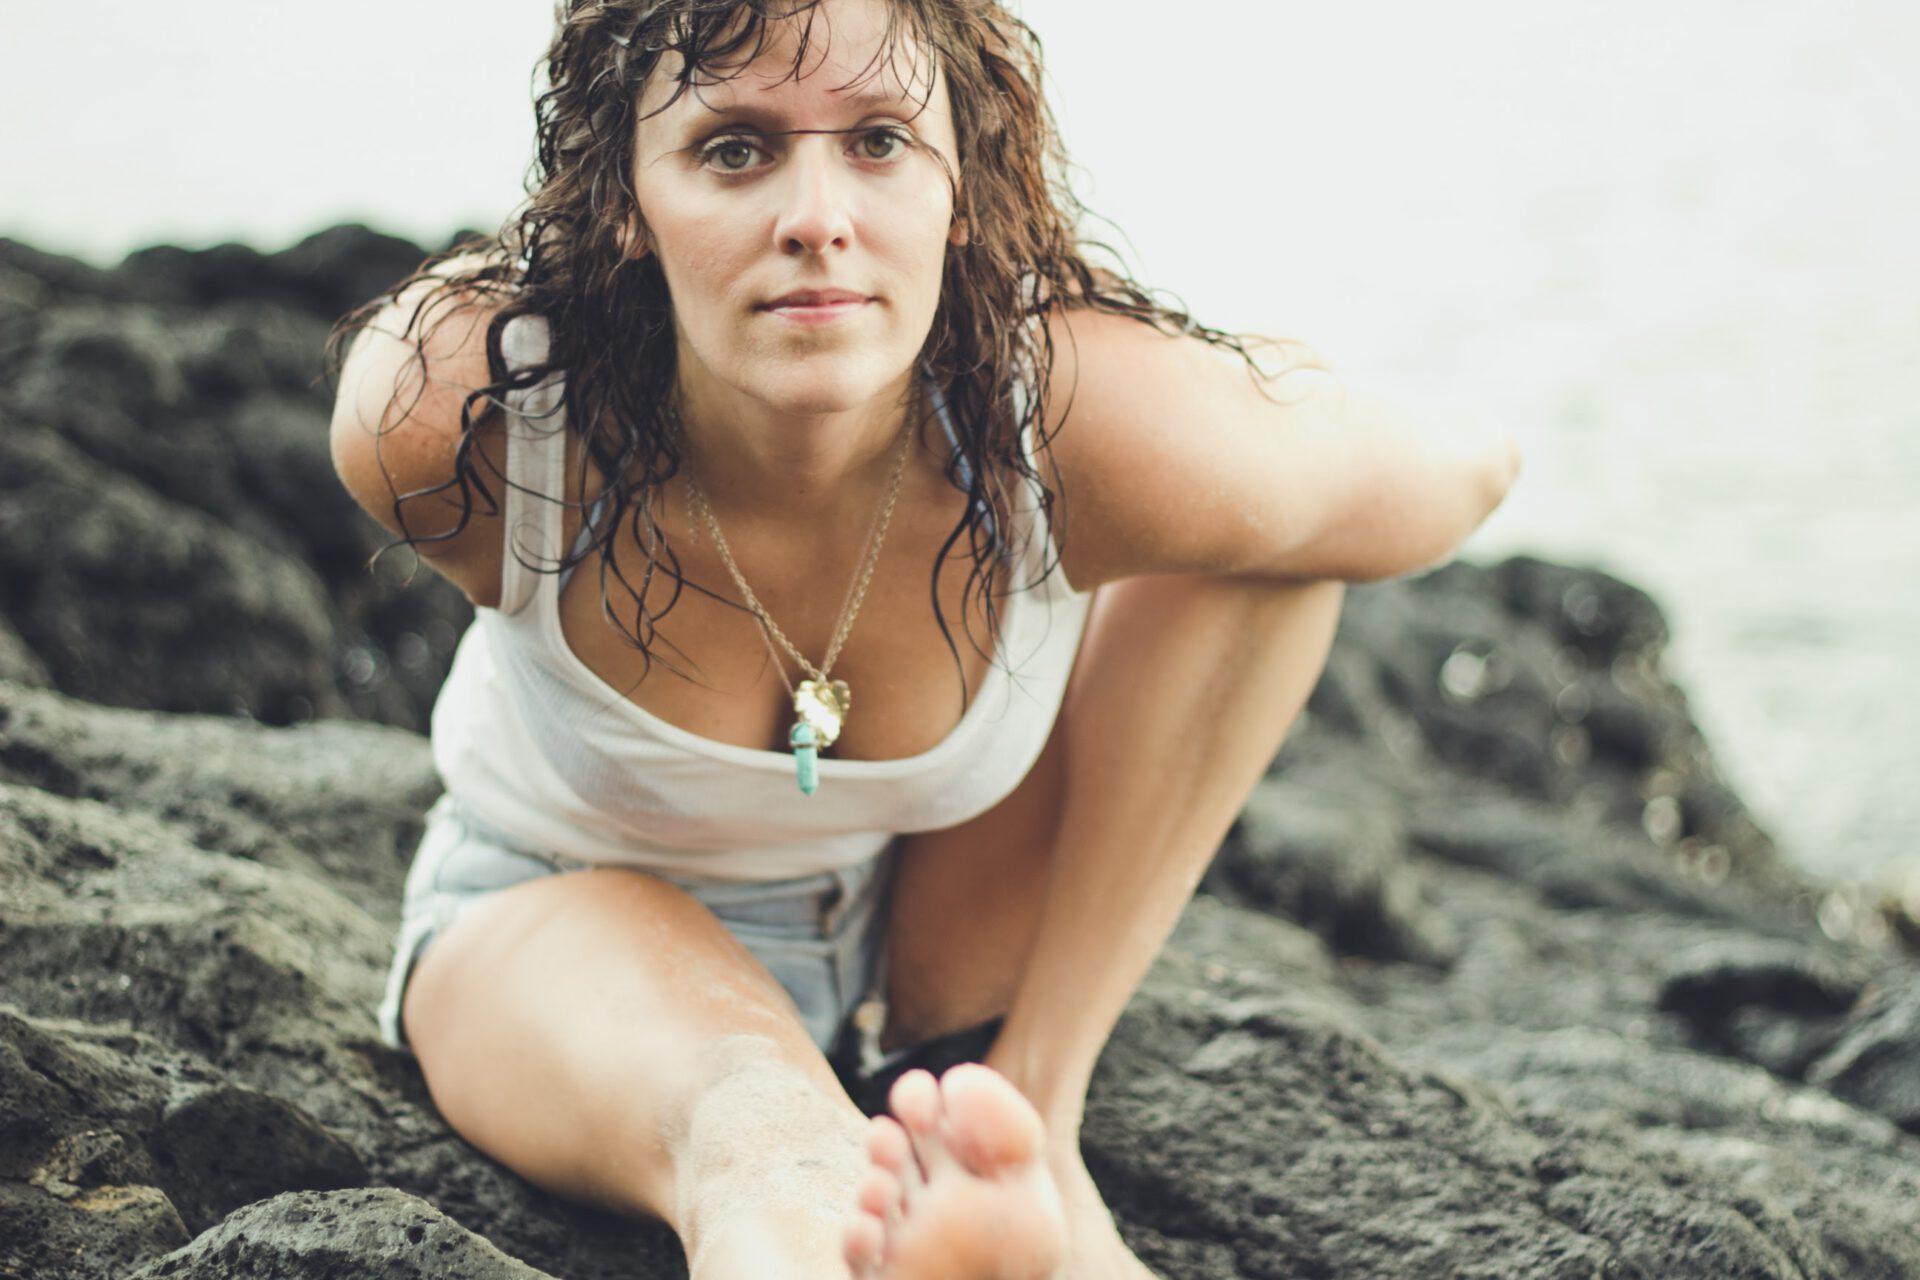 Allison Stephan